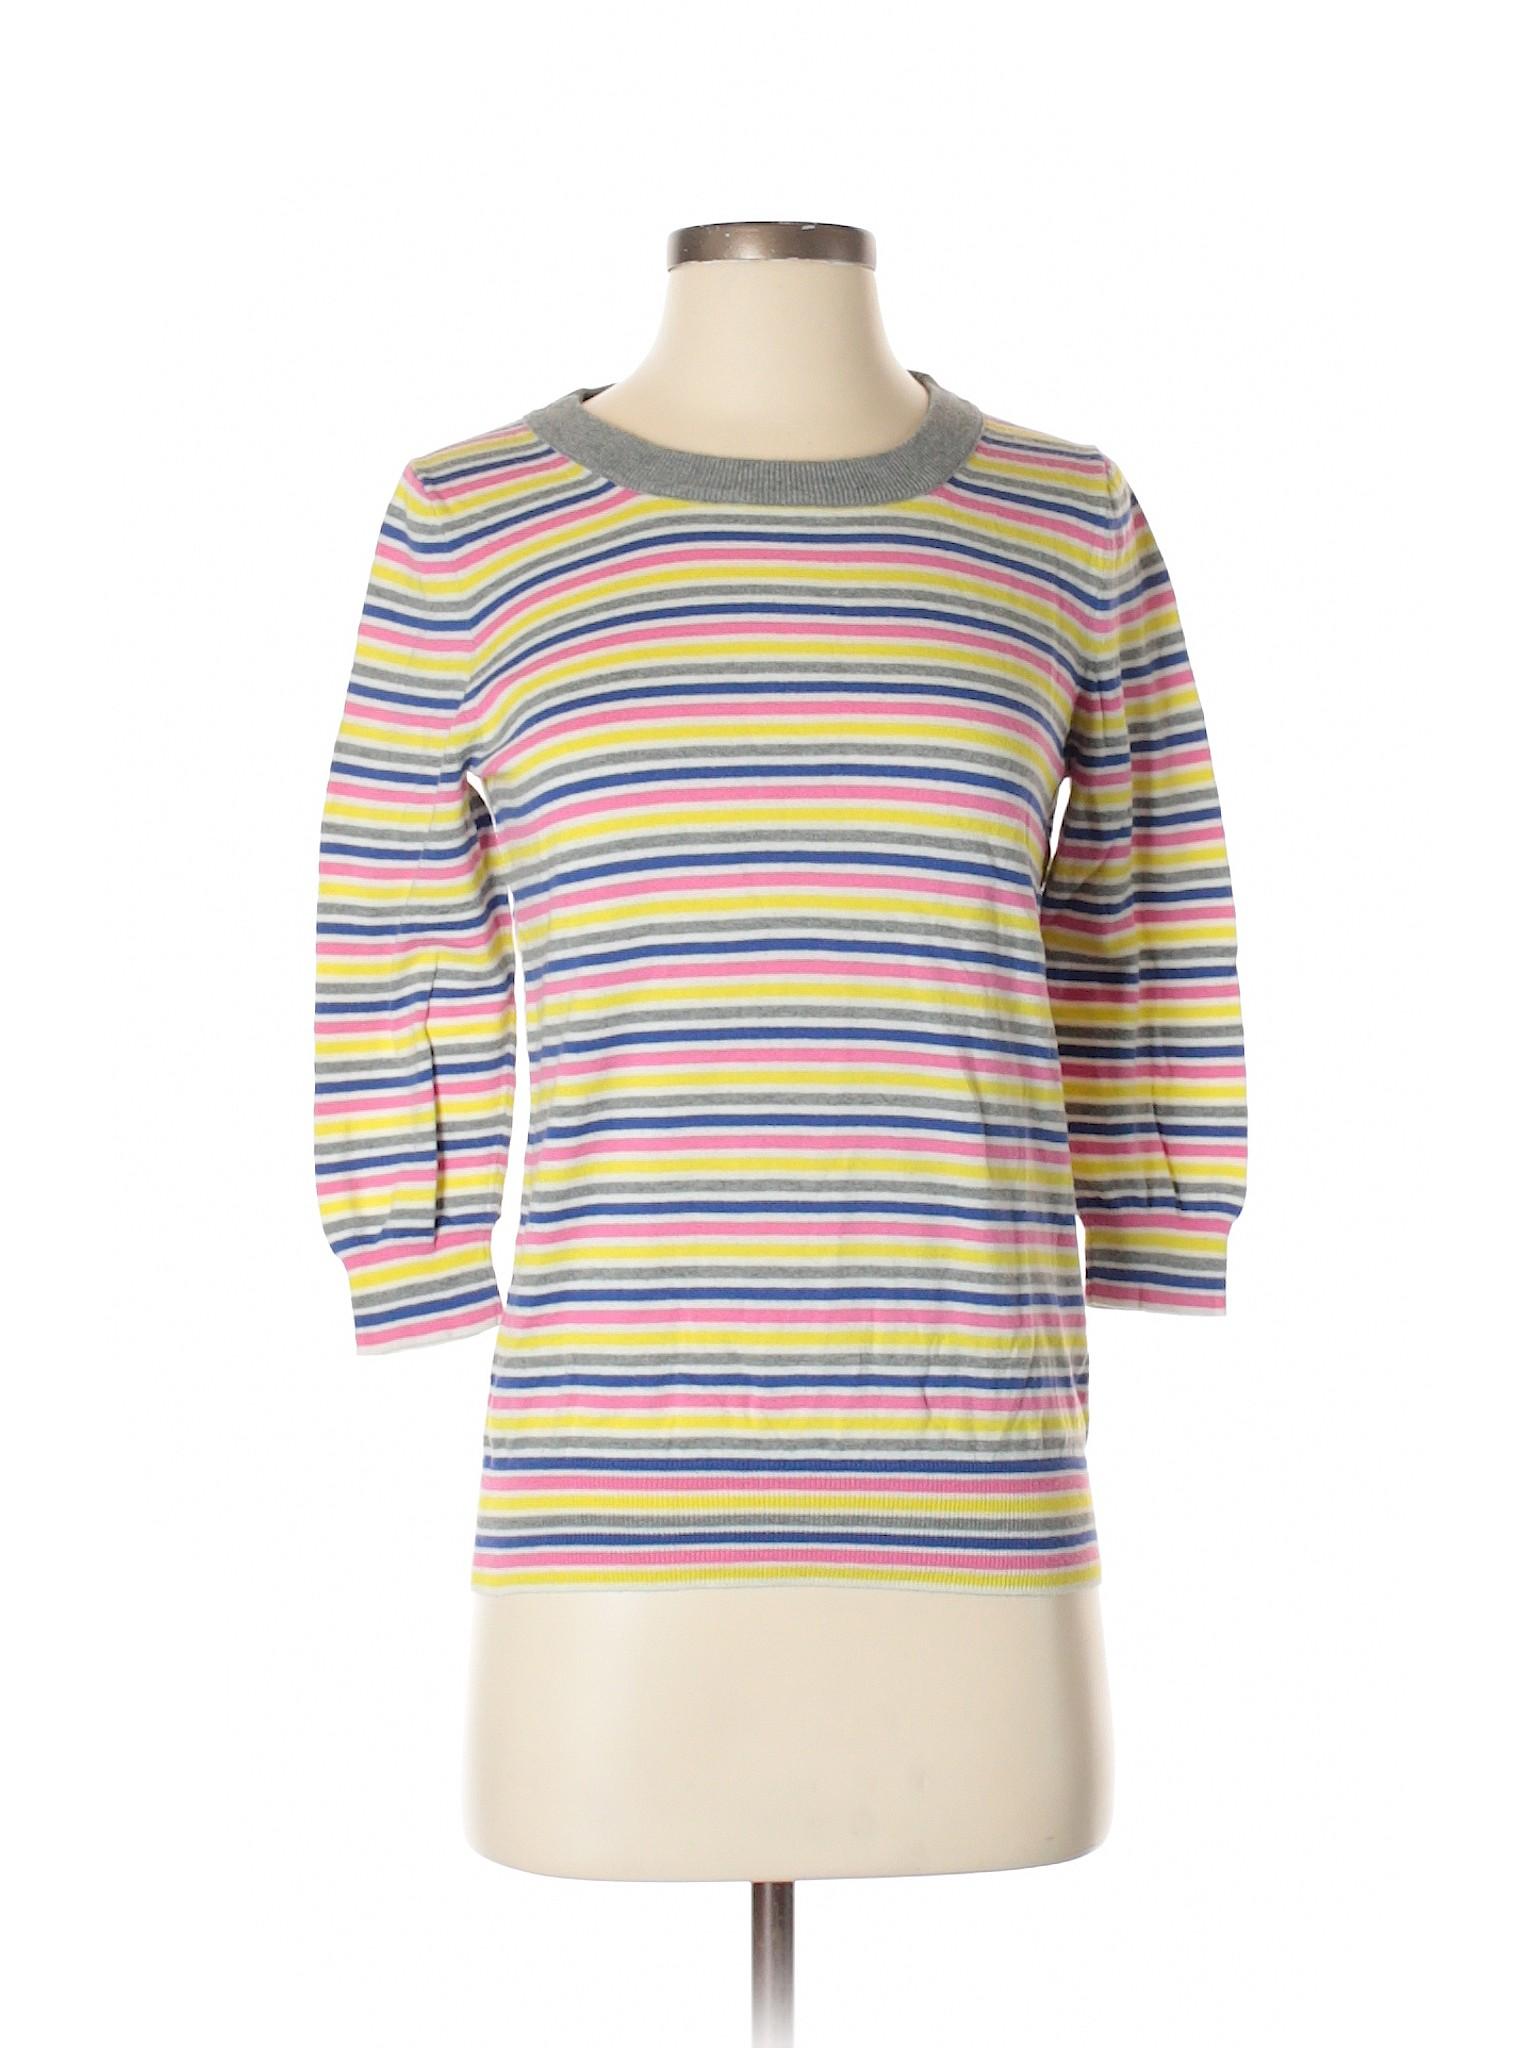 Crew J Boutique Pullover Crew Crew Sweater Pullover J Sweater J Boutique Boutique ArHwrXWqn